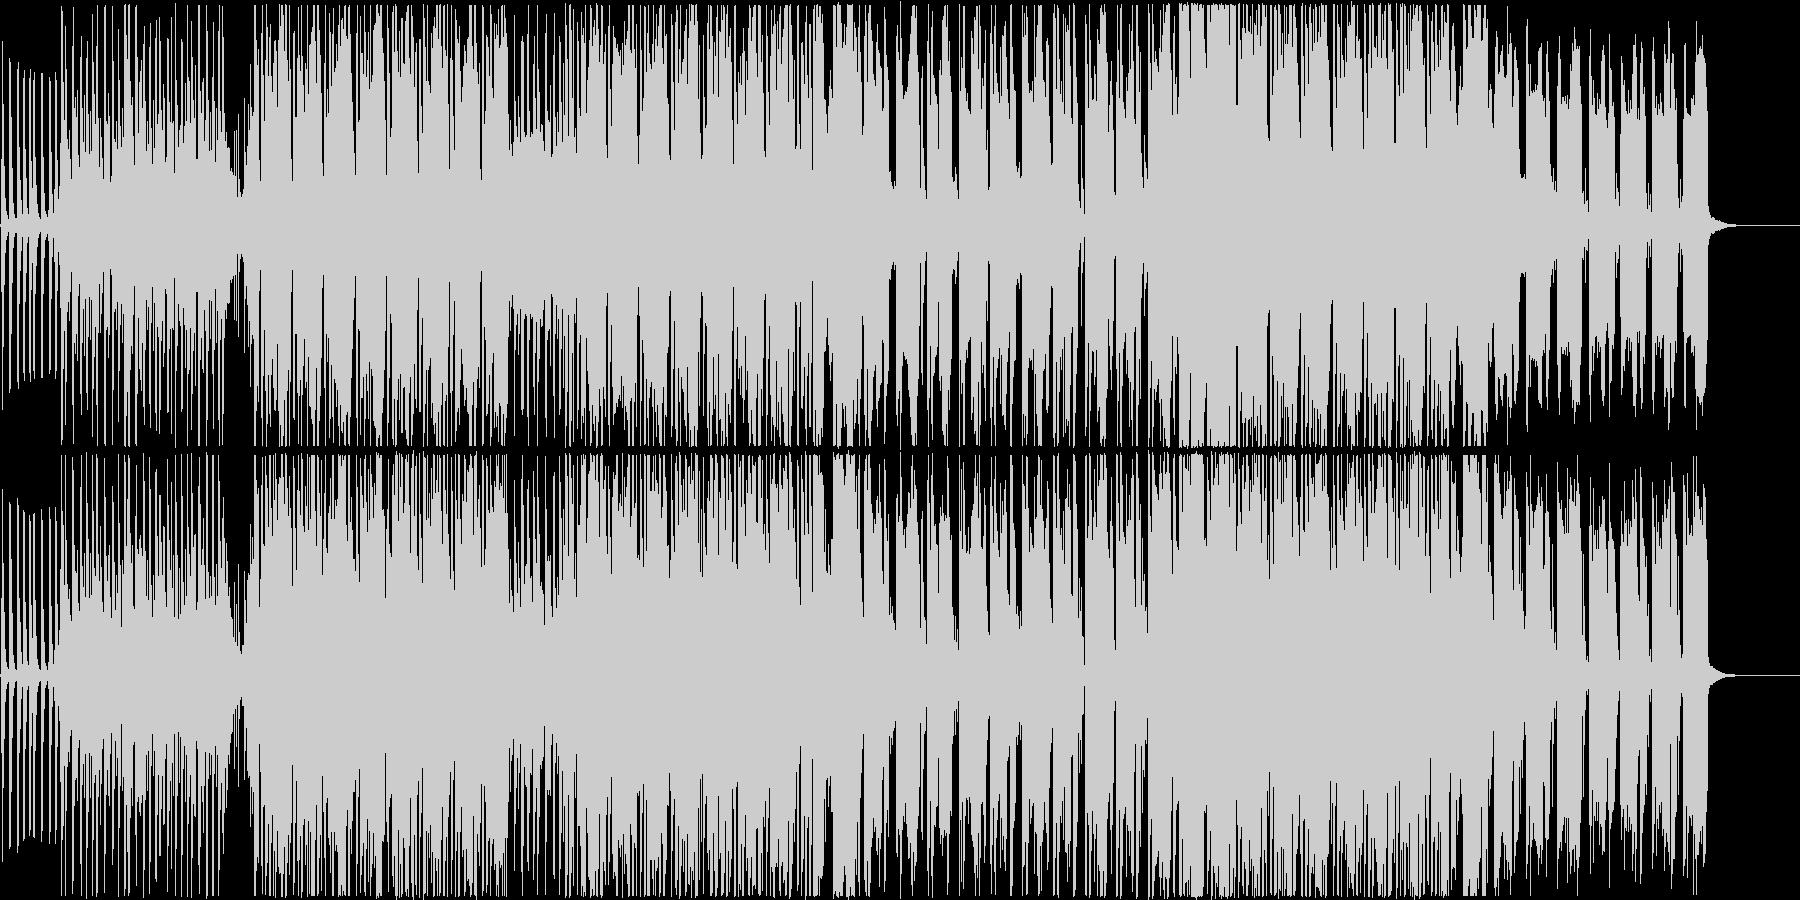 ギターやサックスのリズムが印象的な曲の未再生の波形